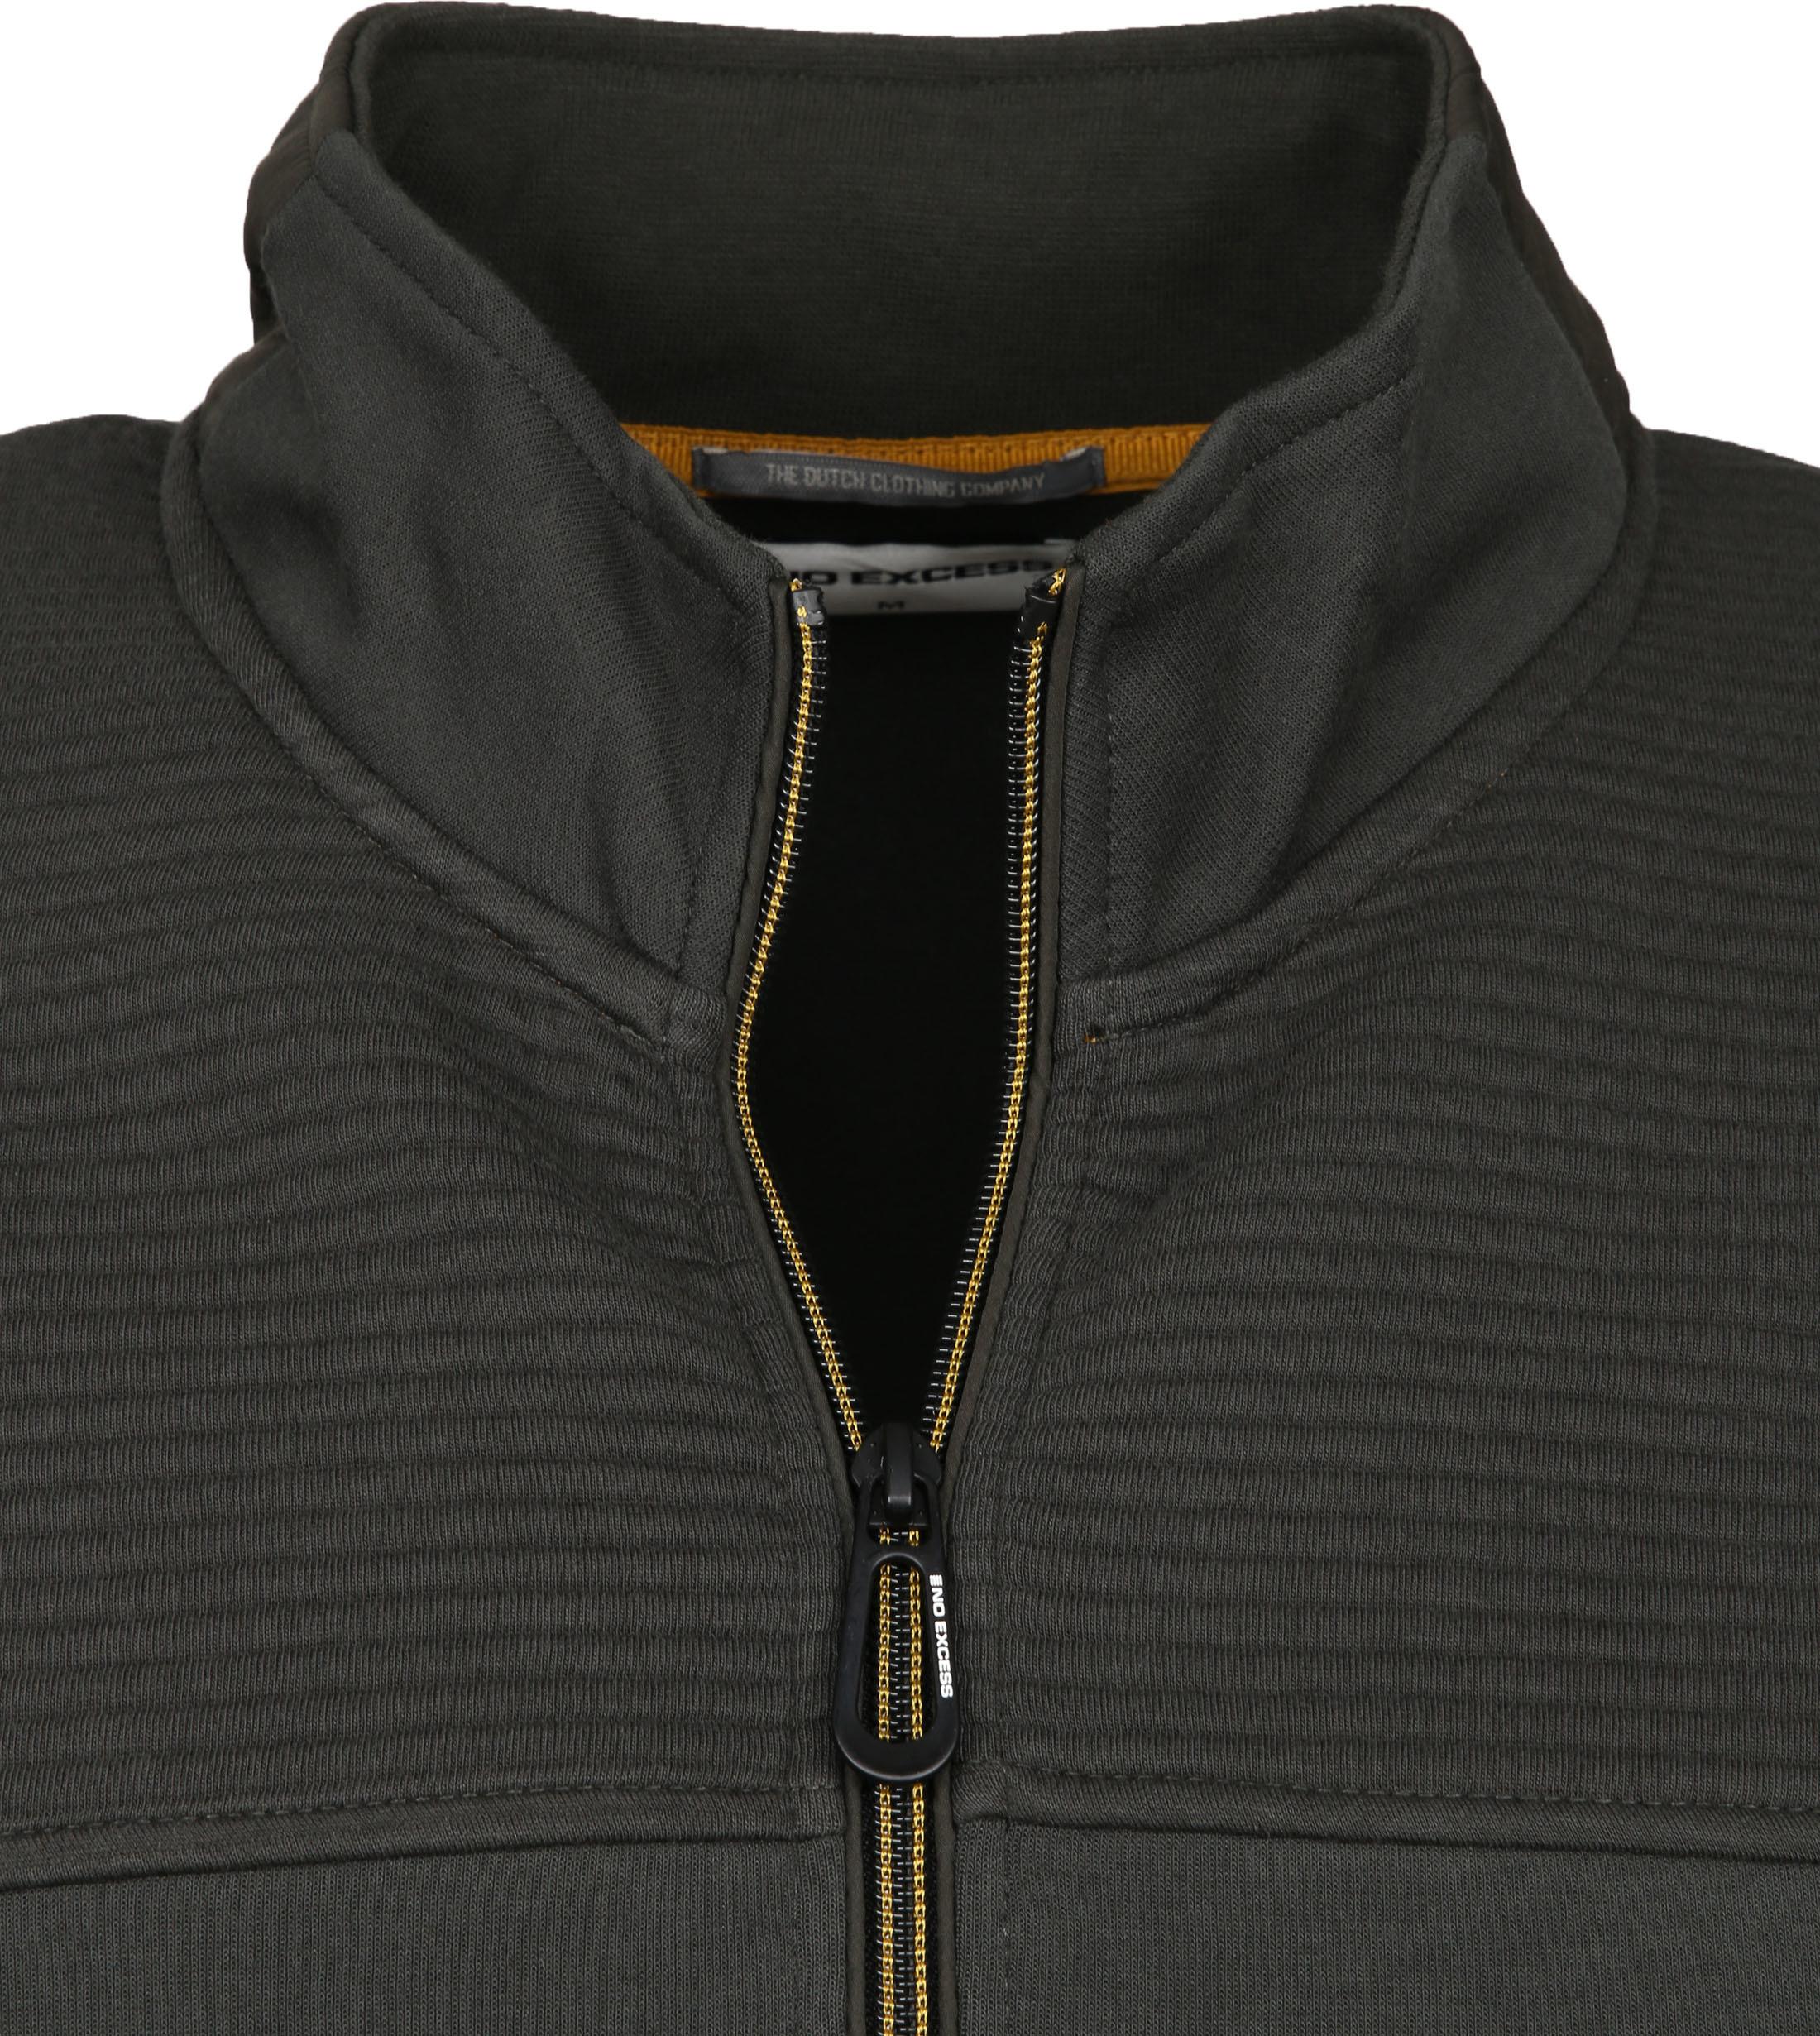 No-Excess Zip Vest Donkergroen 052 - Donkergroen maat L